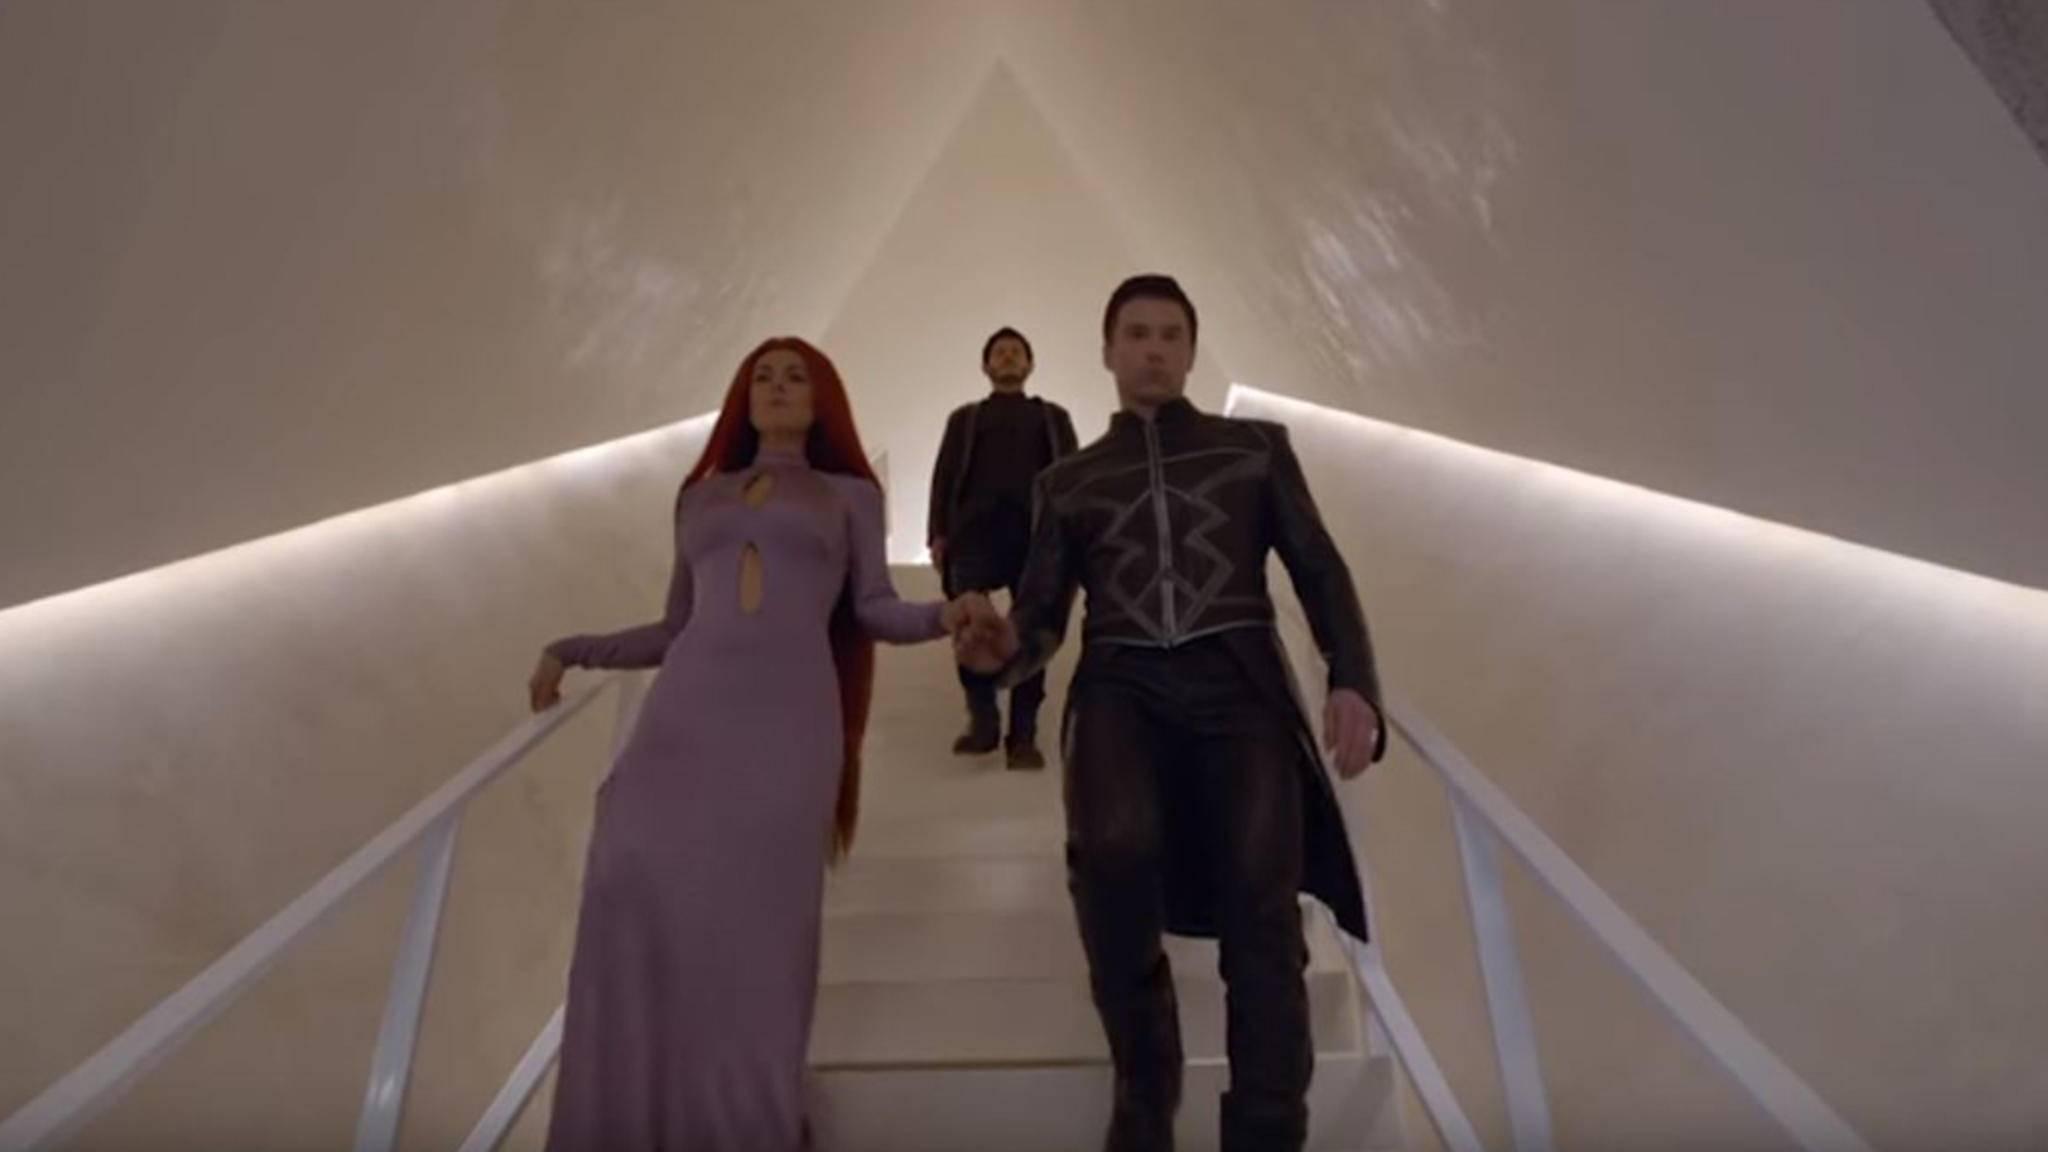 Die Inhumans legen in irdischen Kinos zurzeit keine sichere Landung hin.